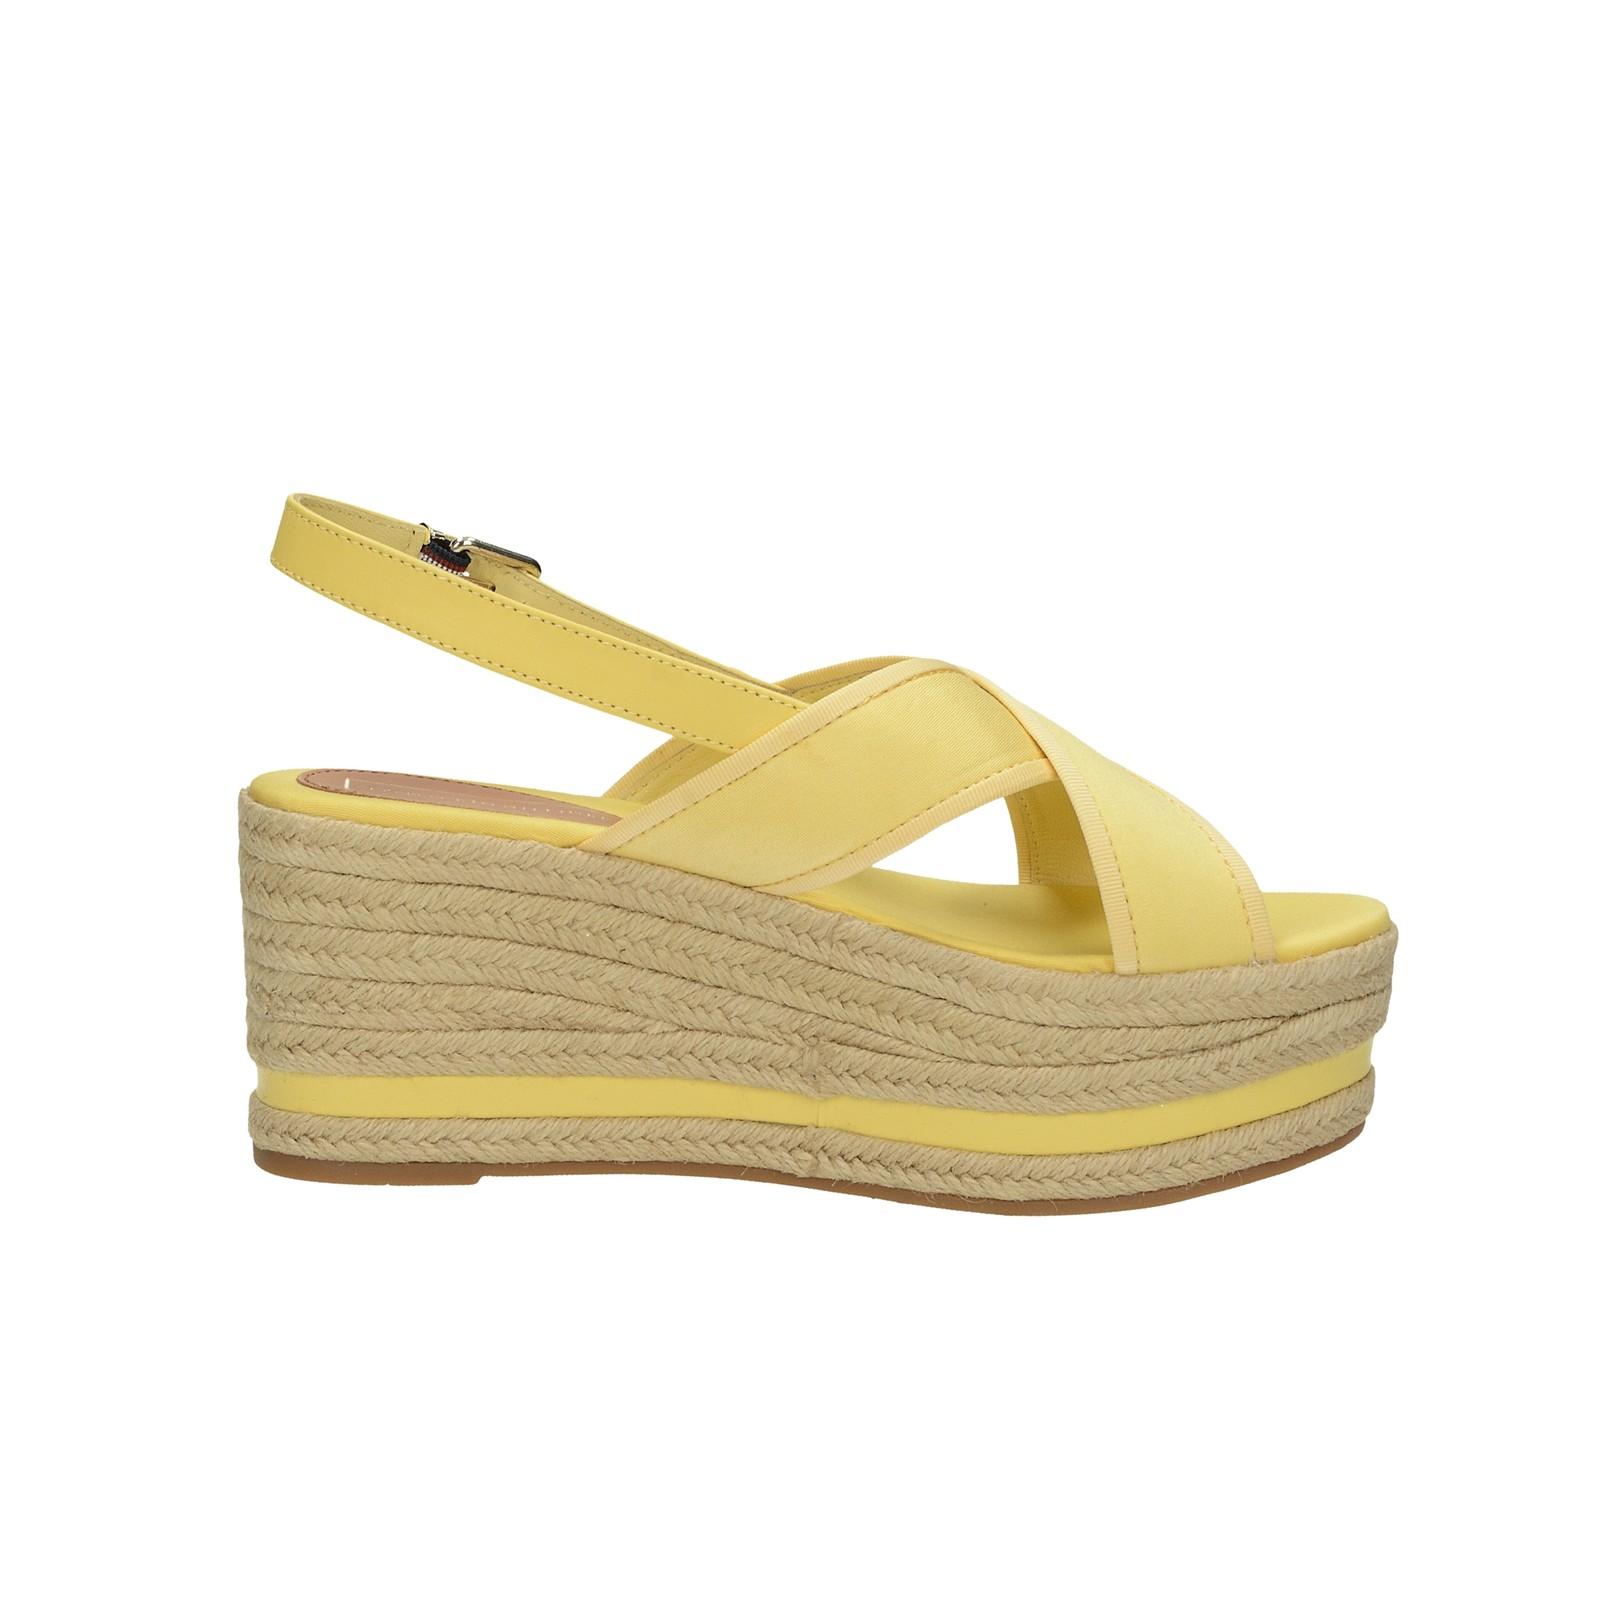 Tommy Hilfiger dámské stylové sandály na klinové podrážce - žluté